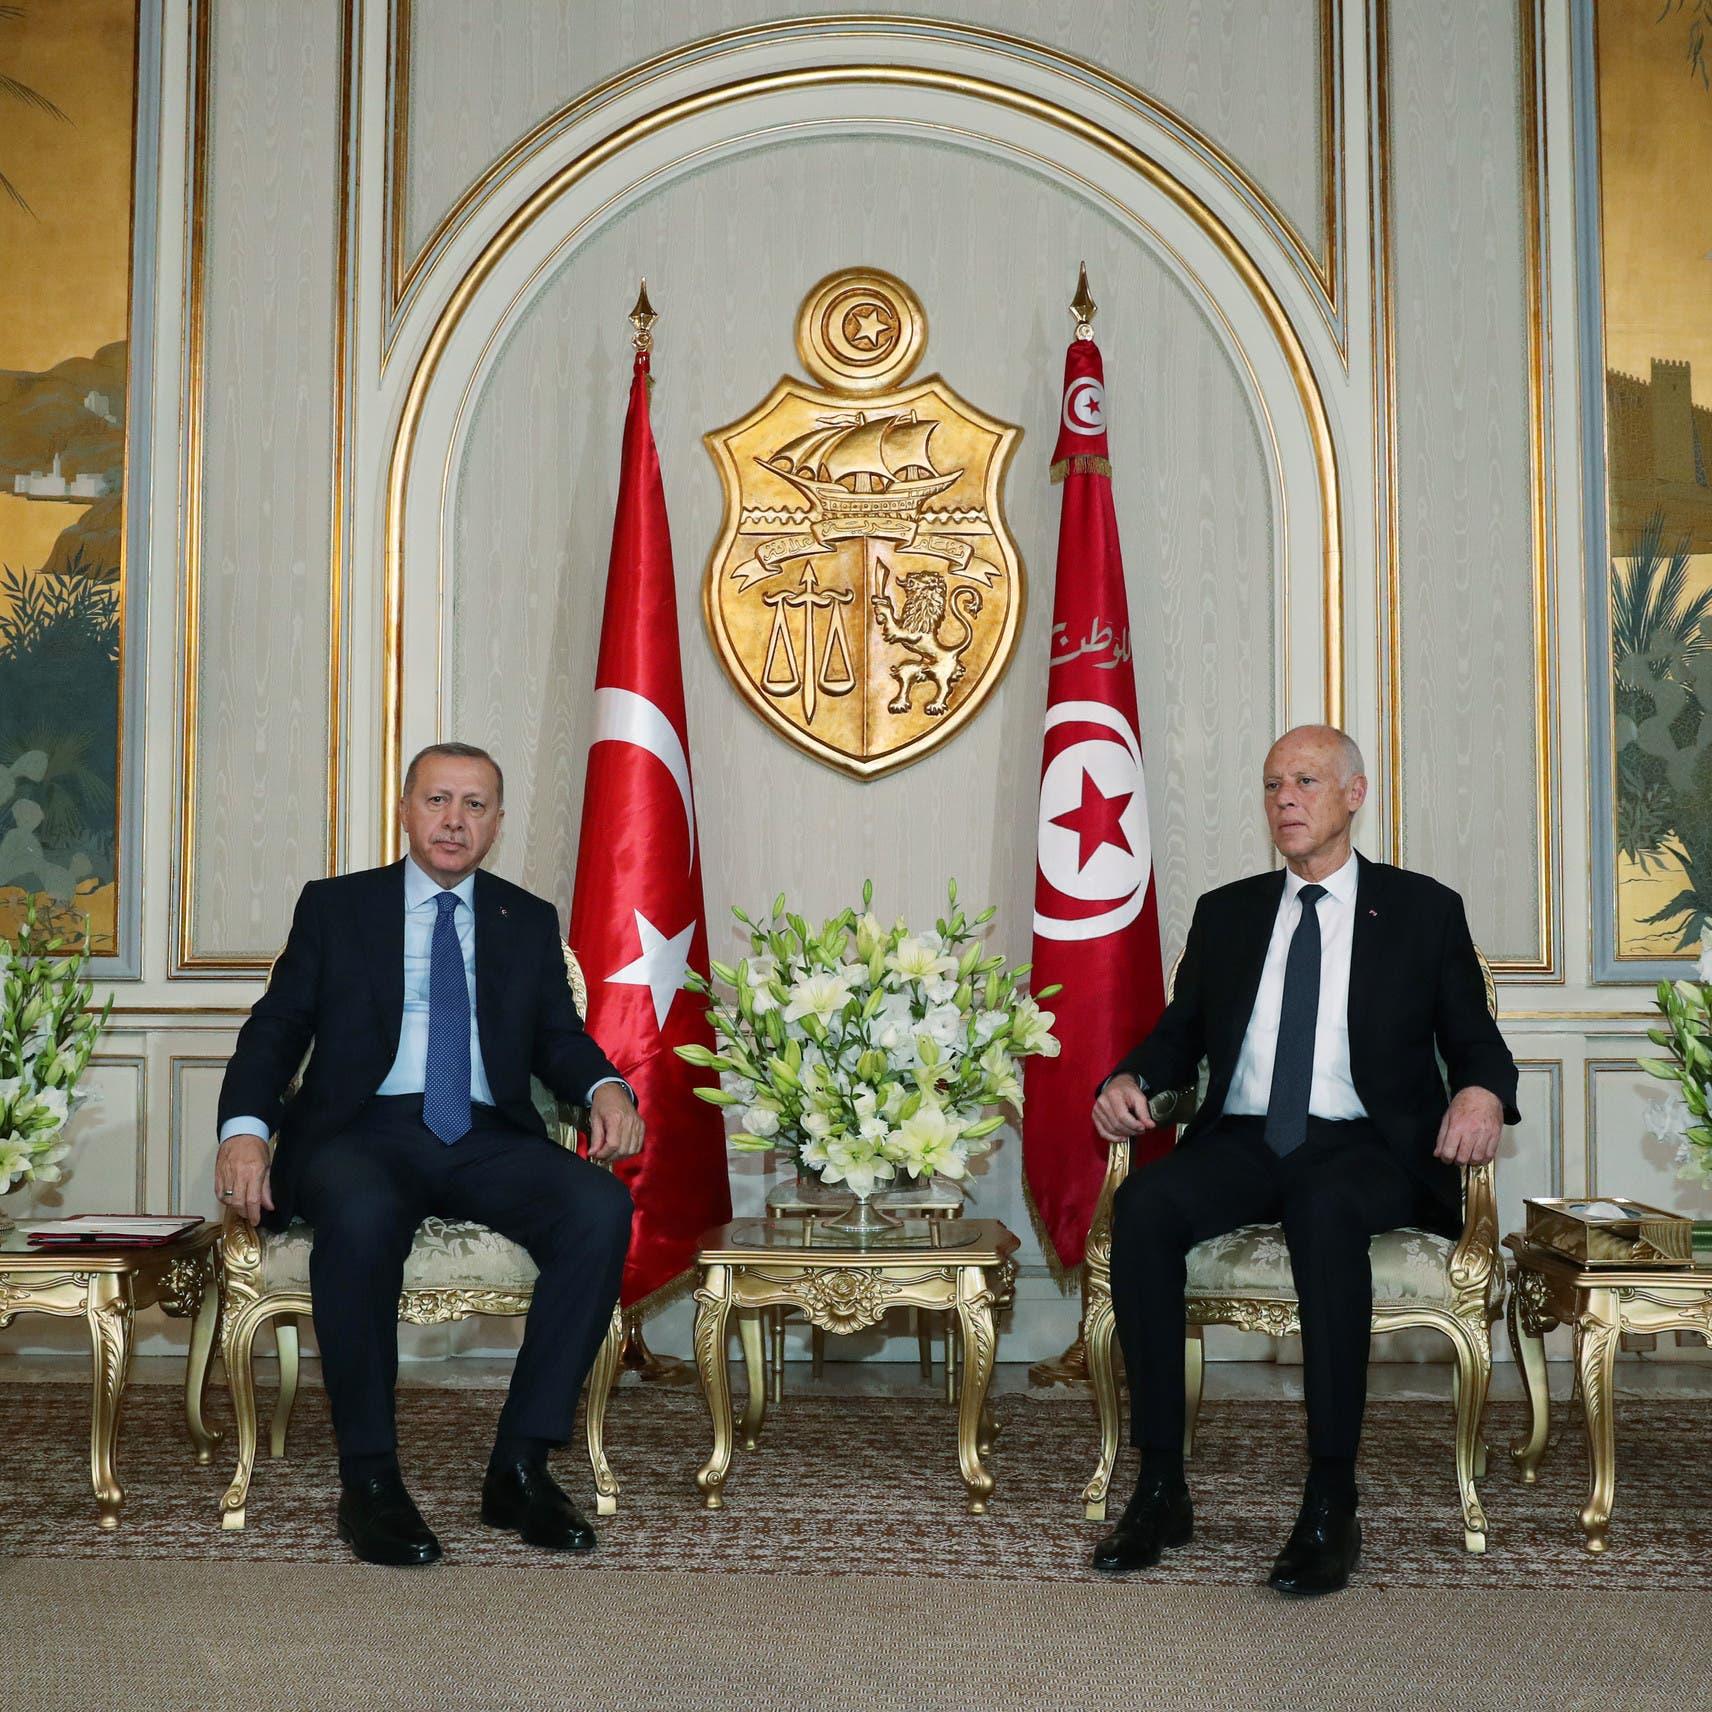 أردوغان من تونس: إذا مرر البرلمان قرار تقديم الدعم العسكري لليبيا سننفذه